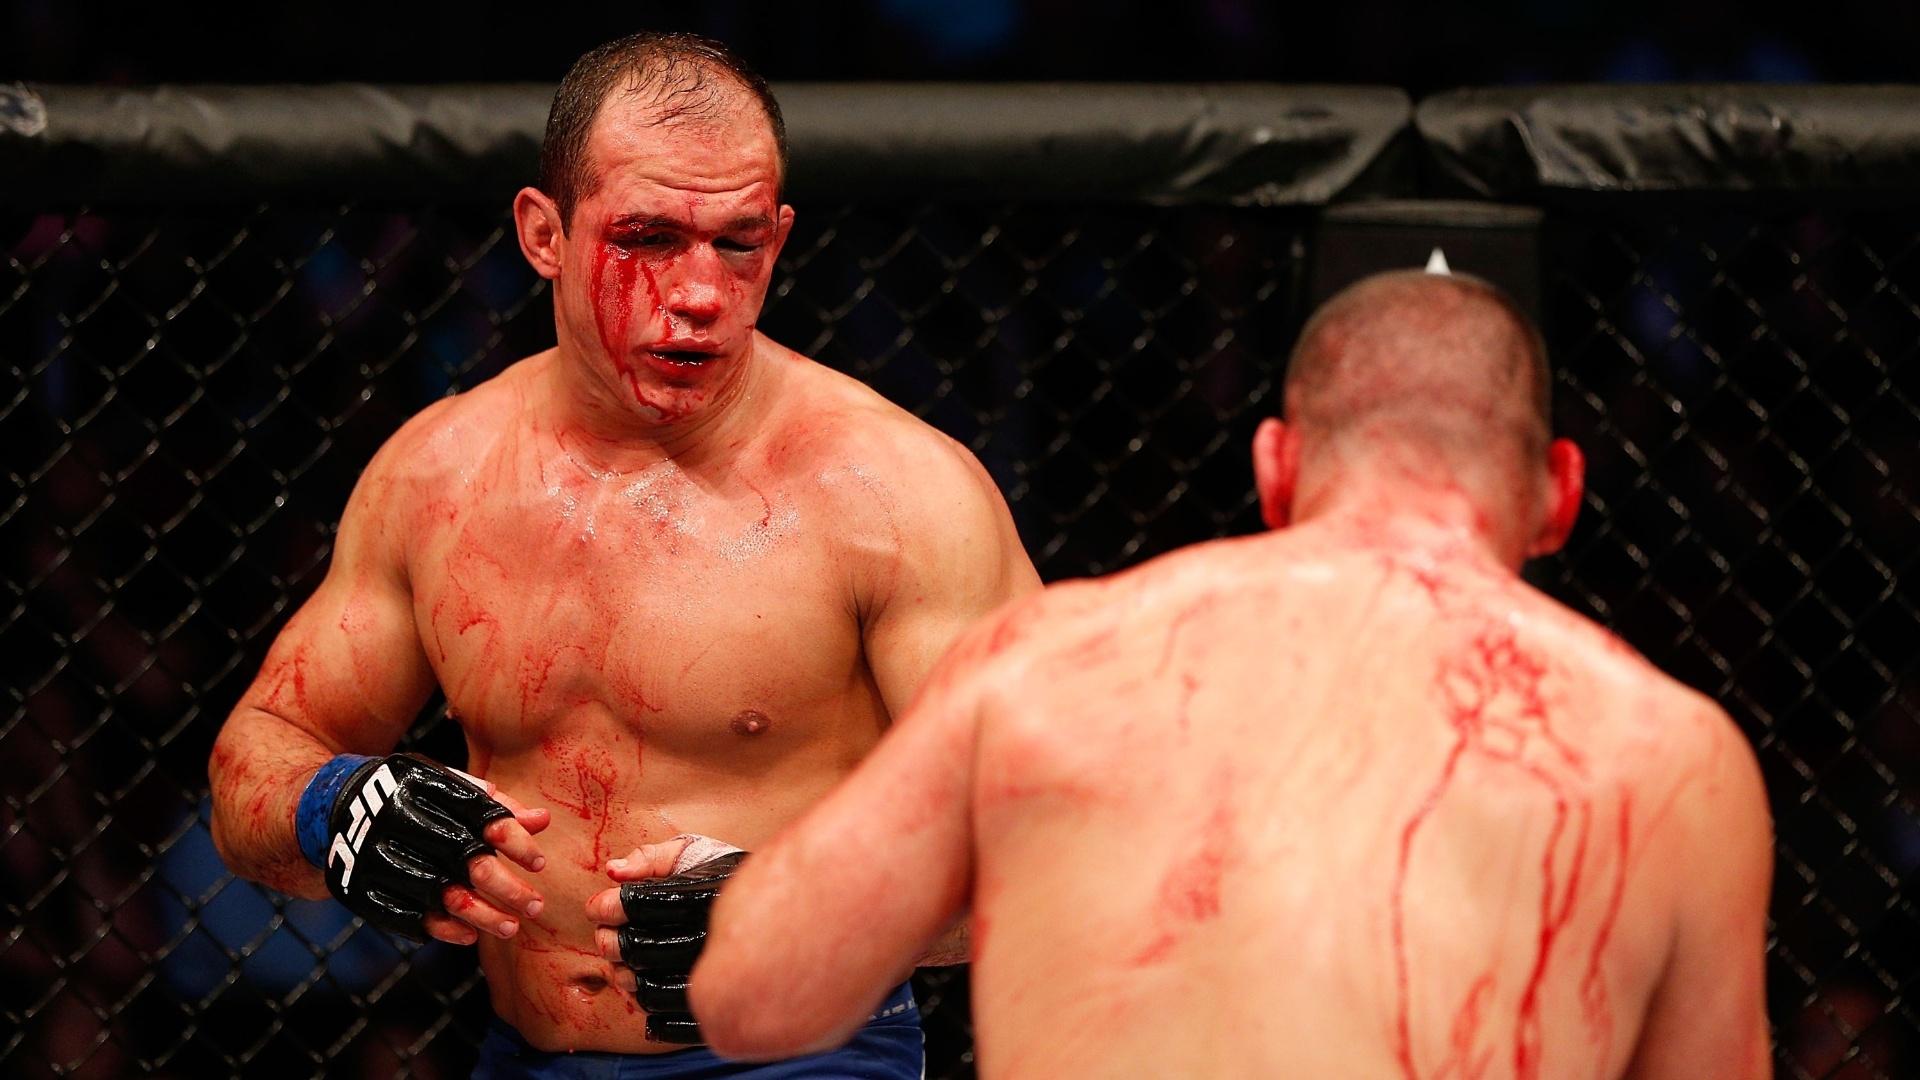 Cigano ficou com o rosto muito machucado após o combate com Velasquez no UFC 166